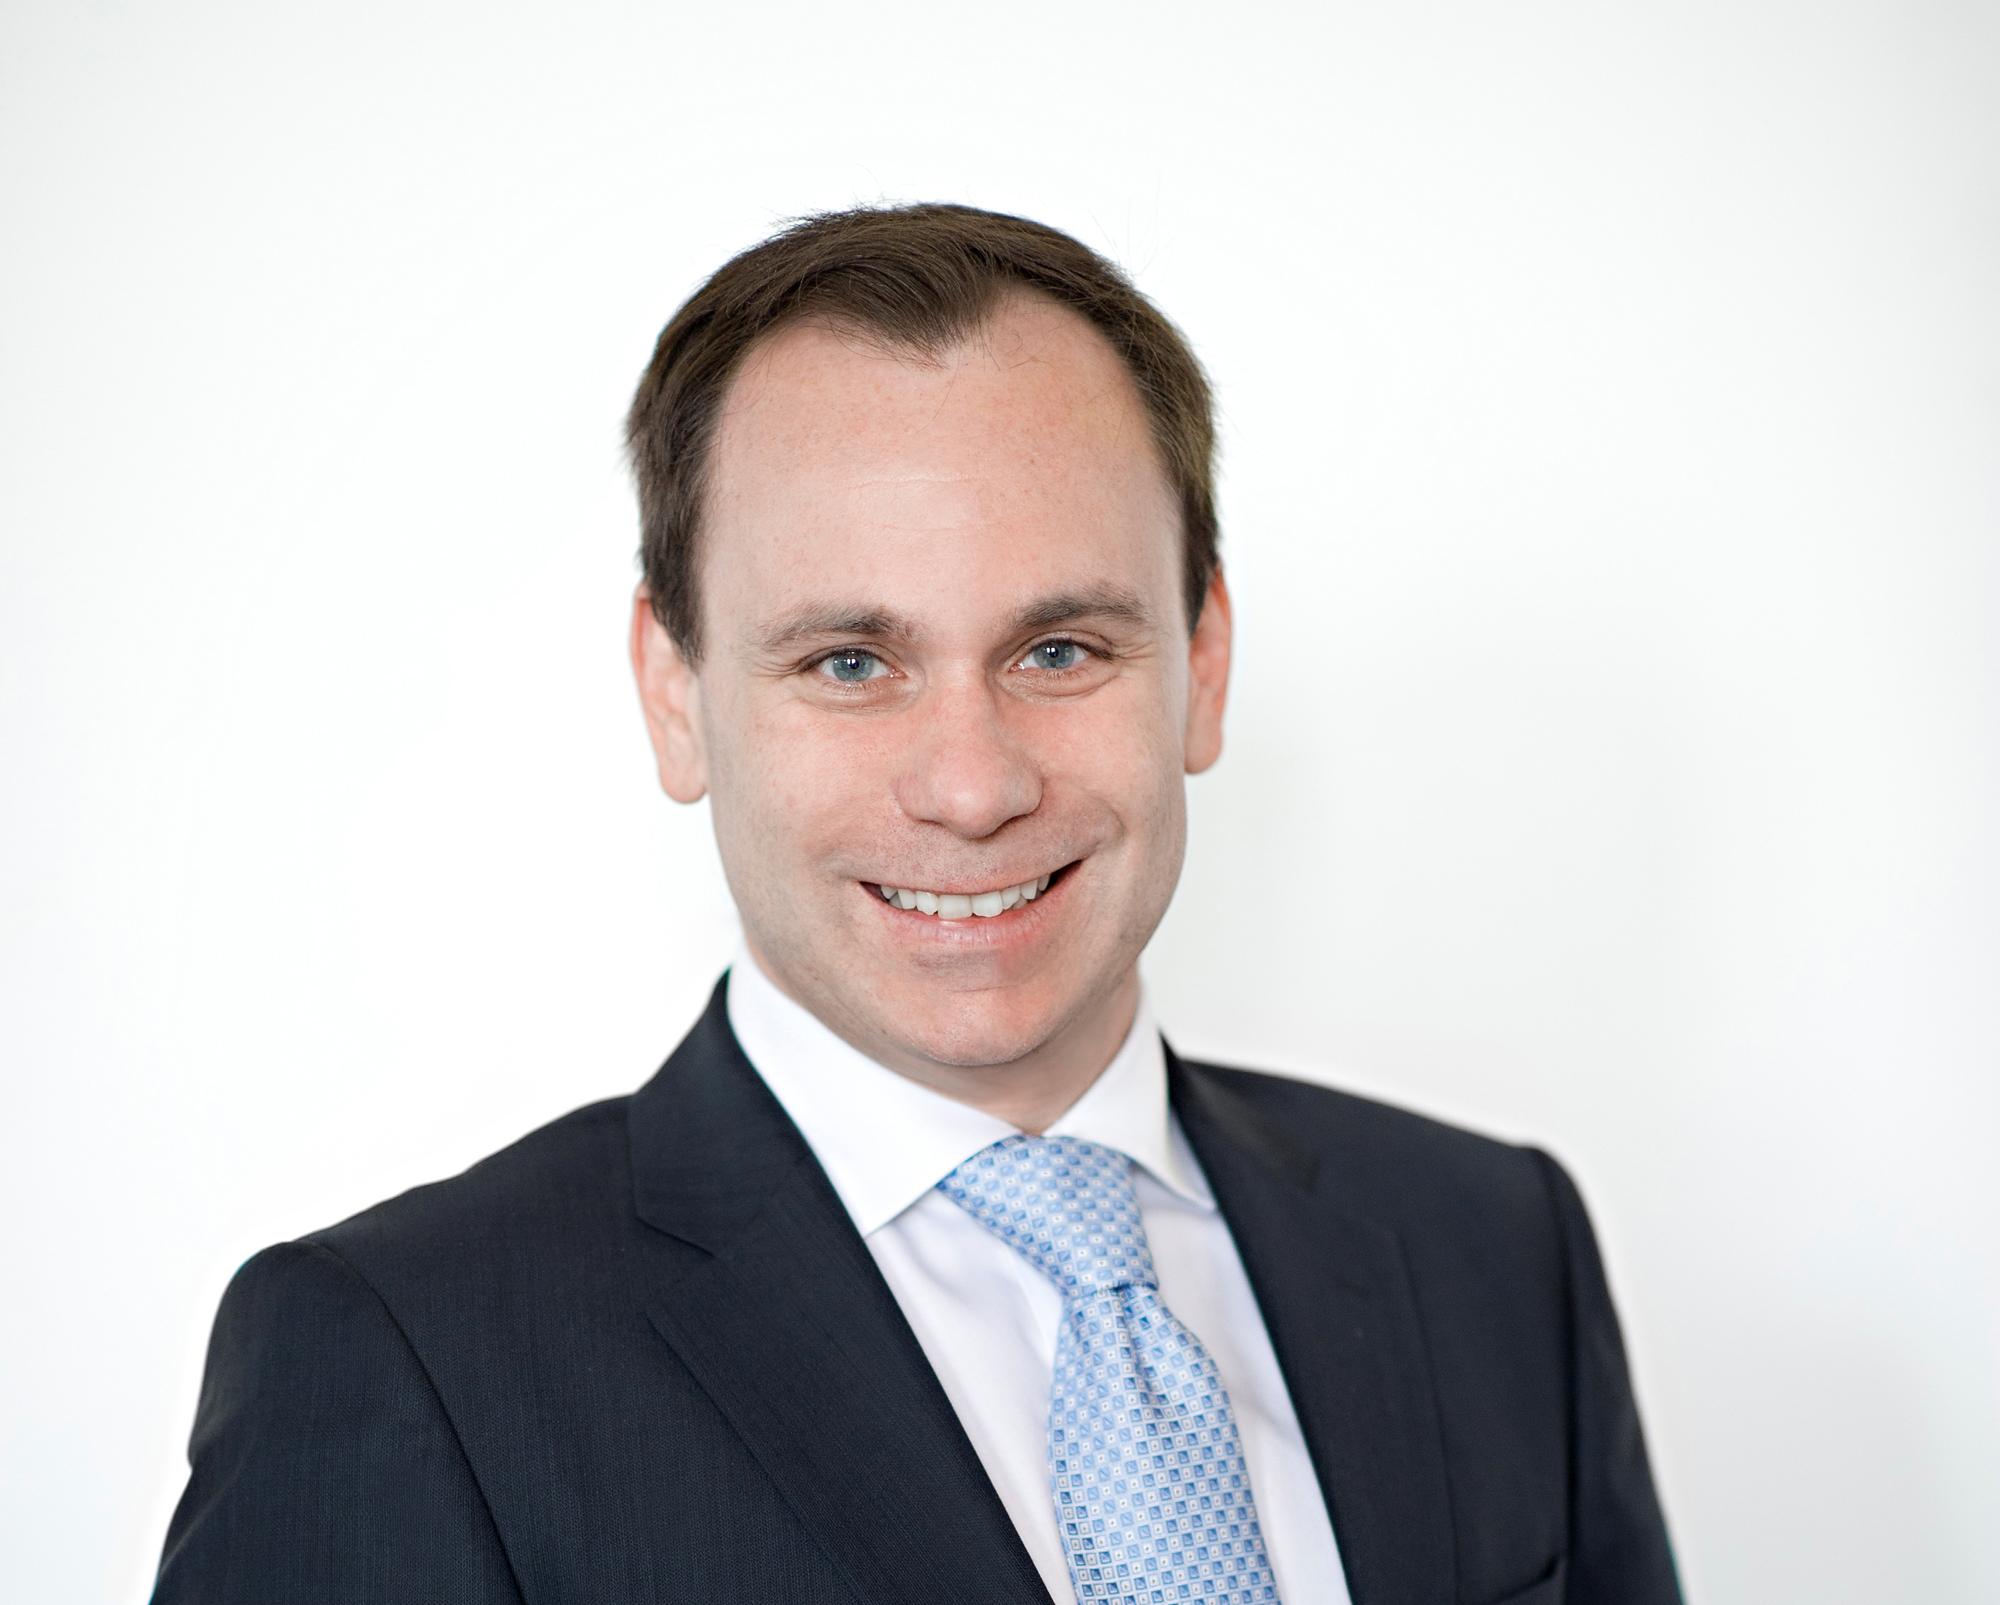 Volker Ullrich salary